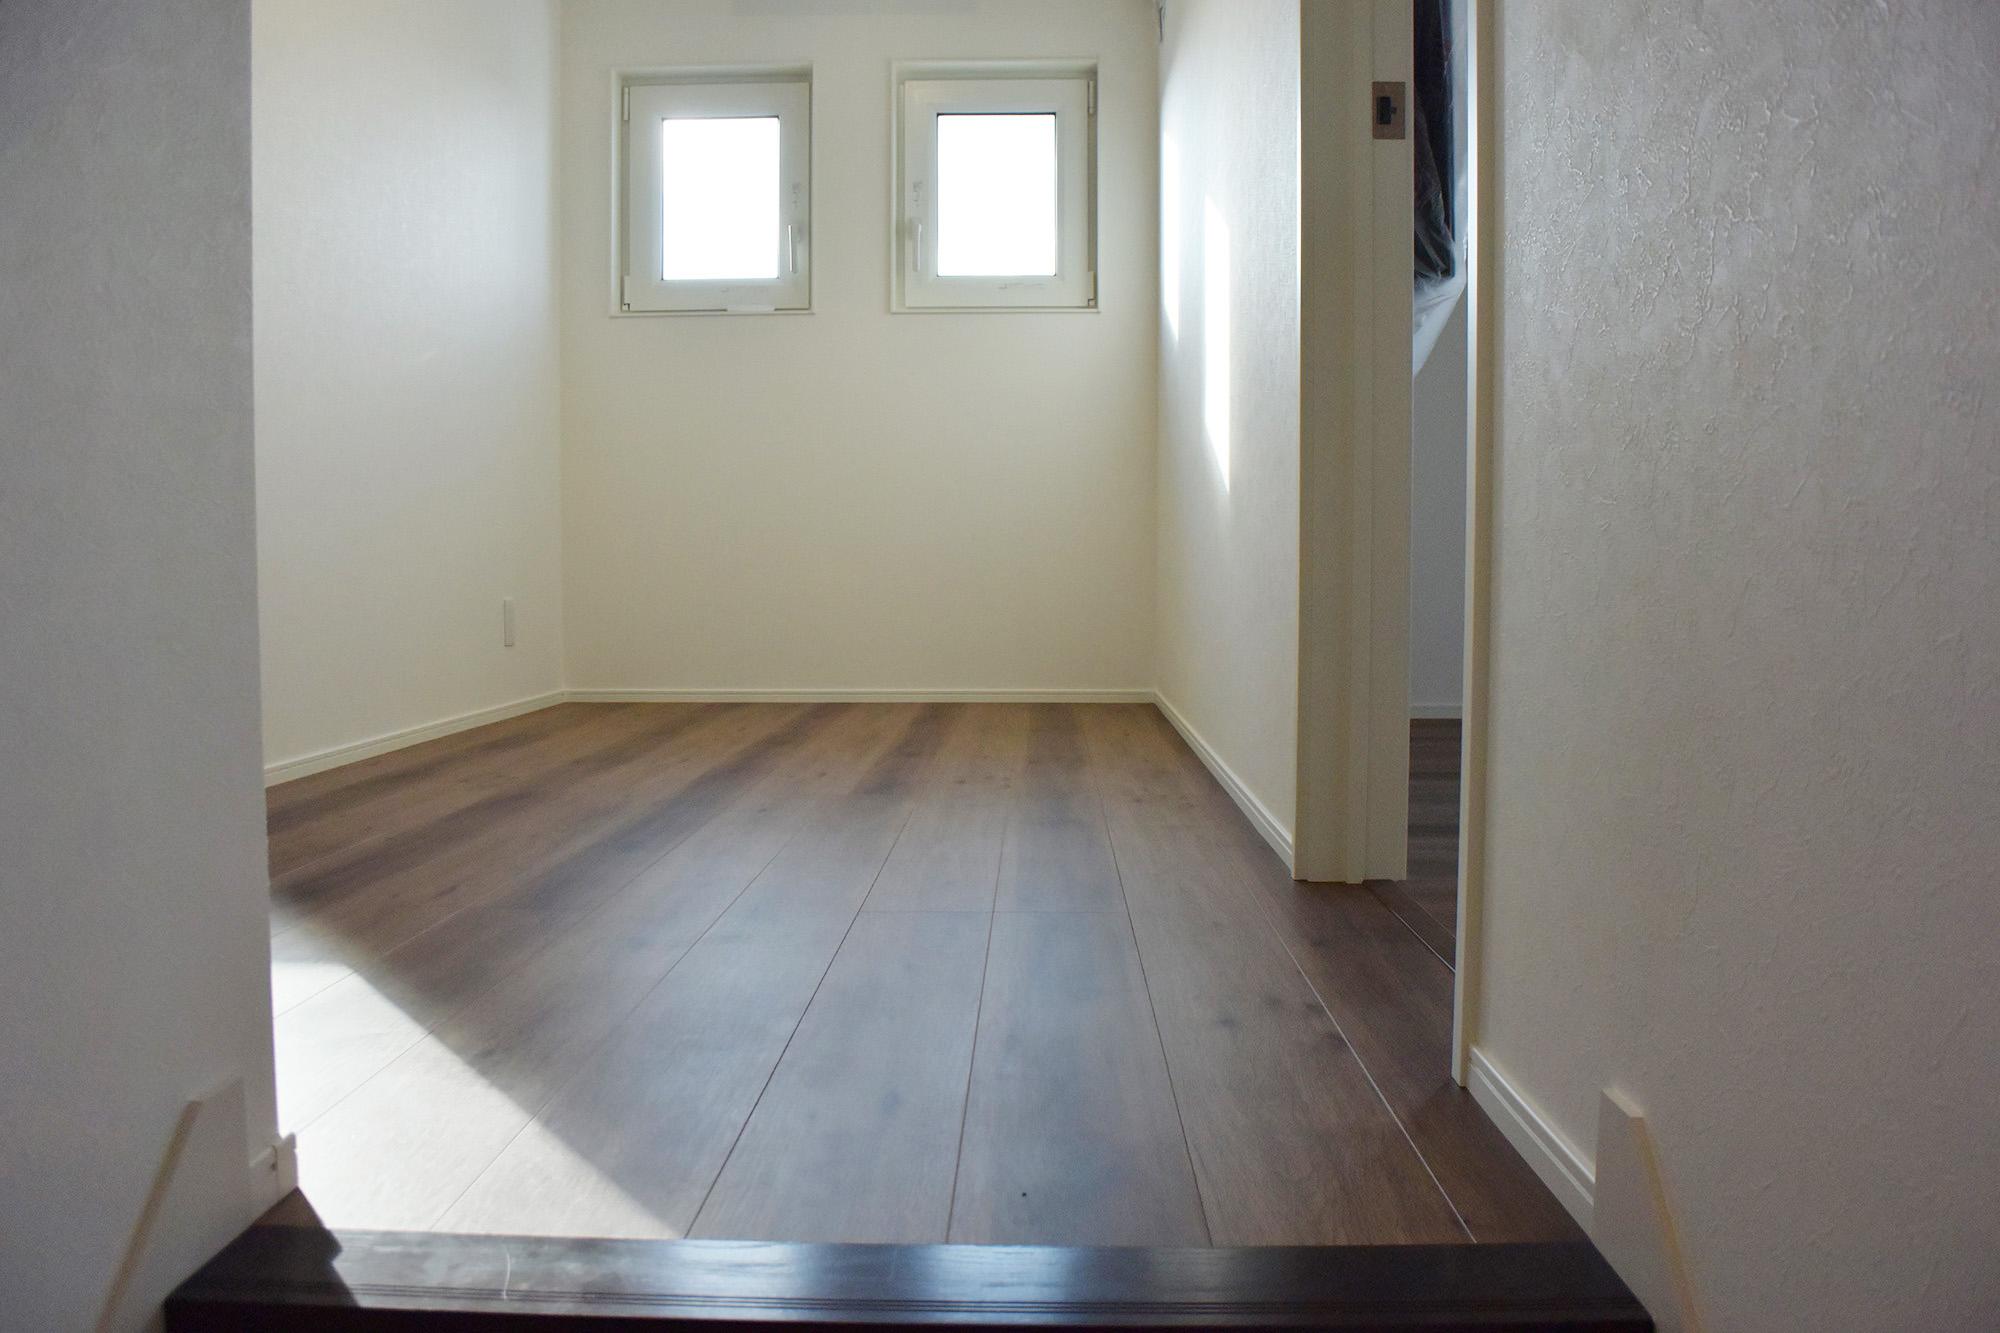 階段を上がると開放的なフリースペースがあり、使い方自由自在です。